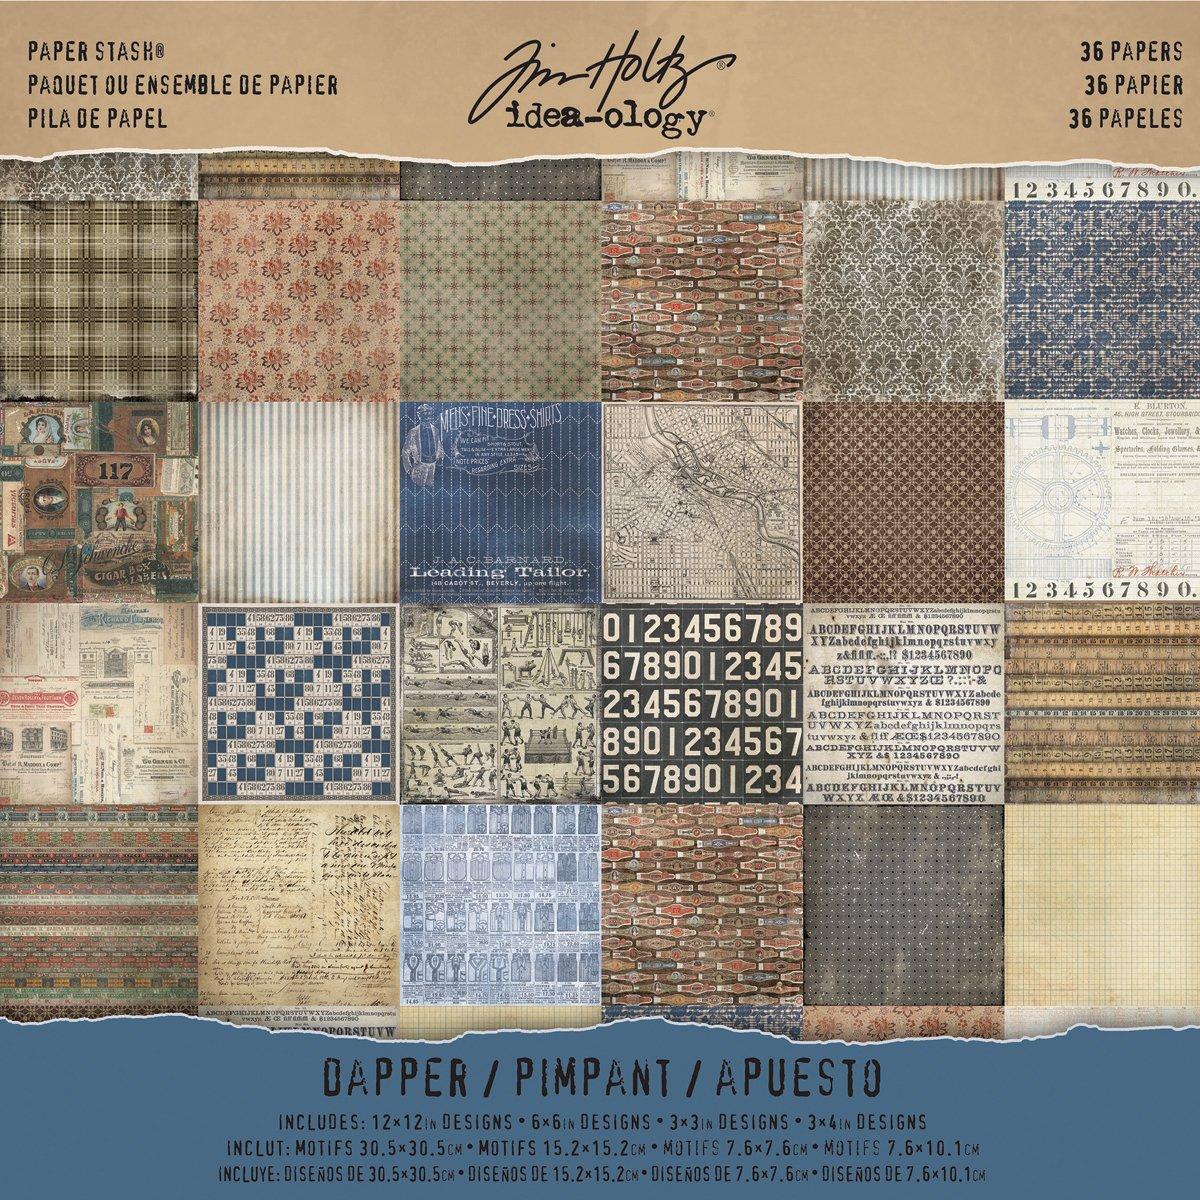 Advantus Tim Holtz Idea-Ology Collection 12 x 12 Paper Stash Dapper (6 Pack)